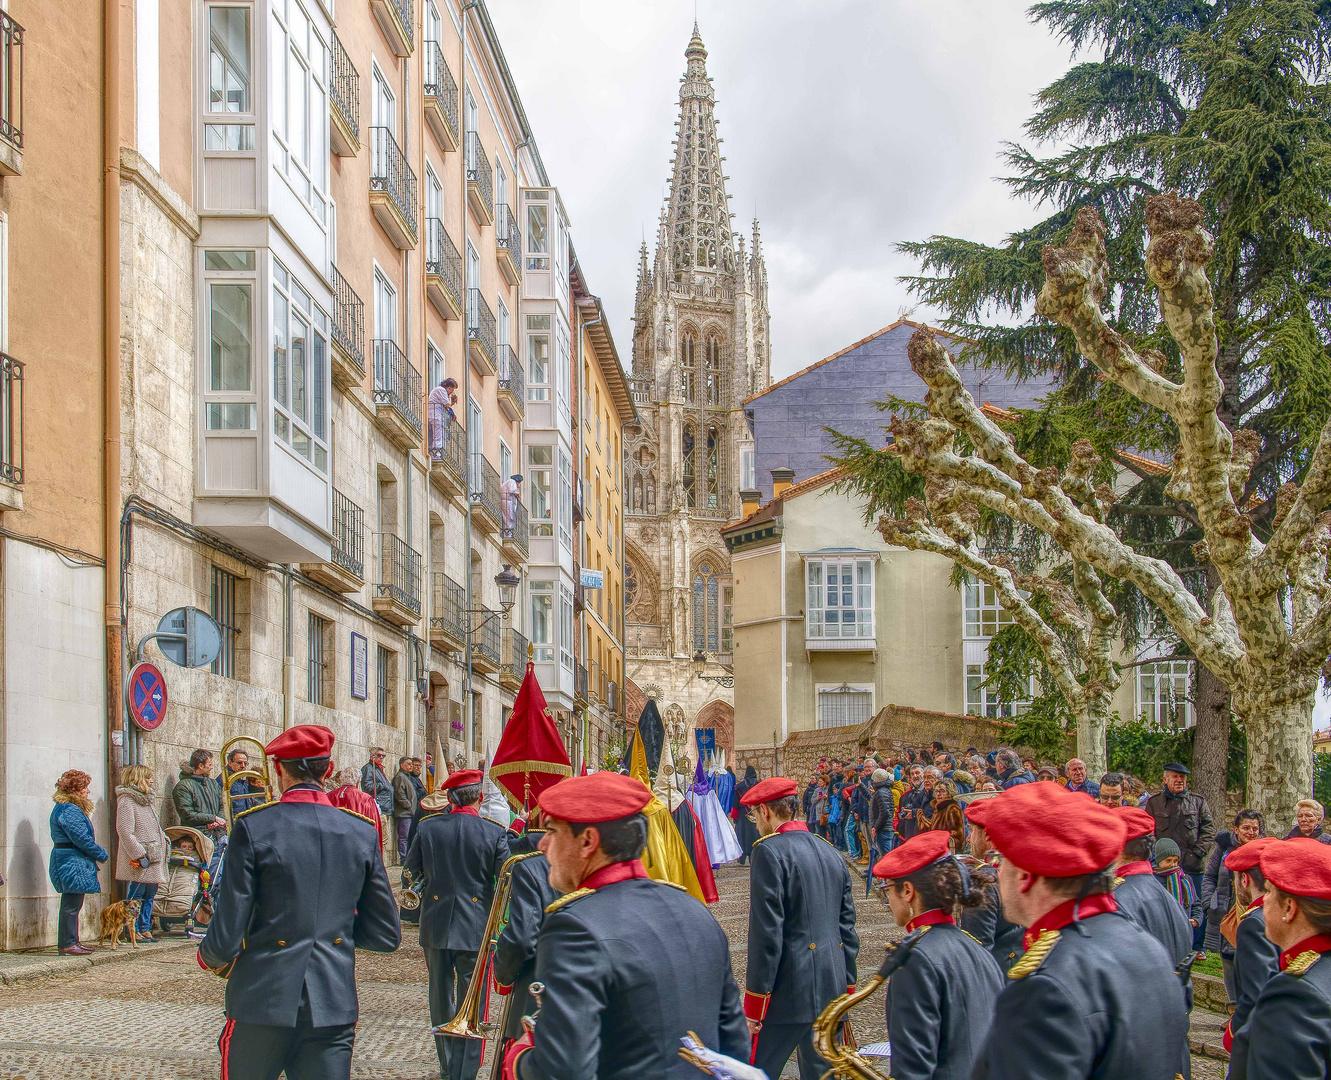 Cerrando la procesión